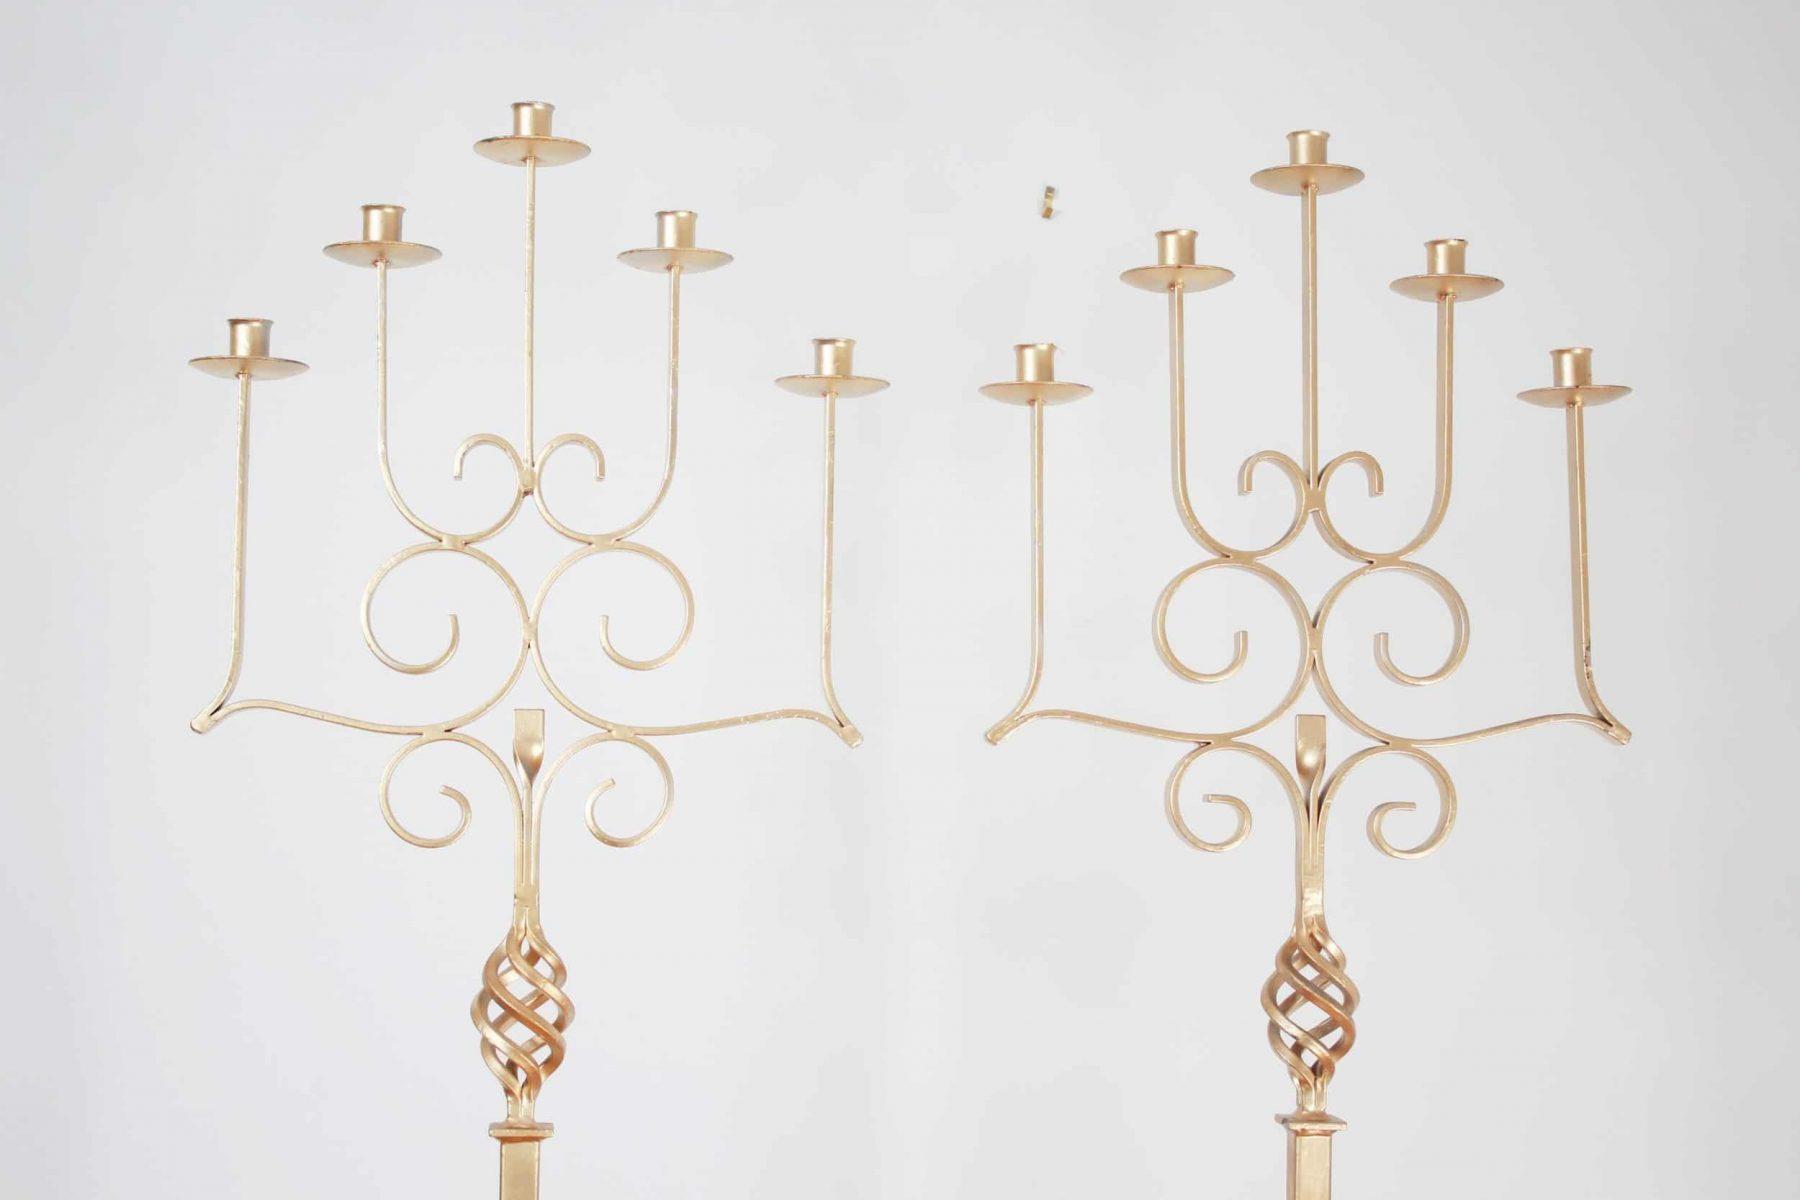 candelabras 2 closeup